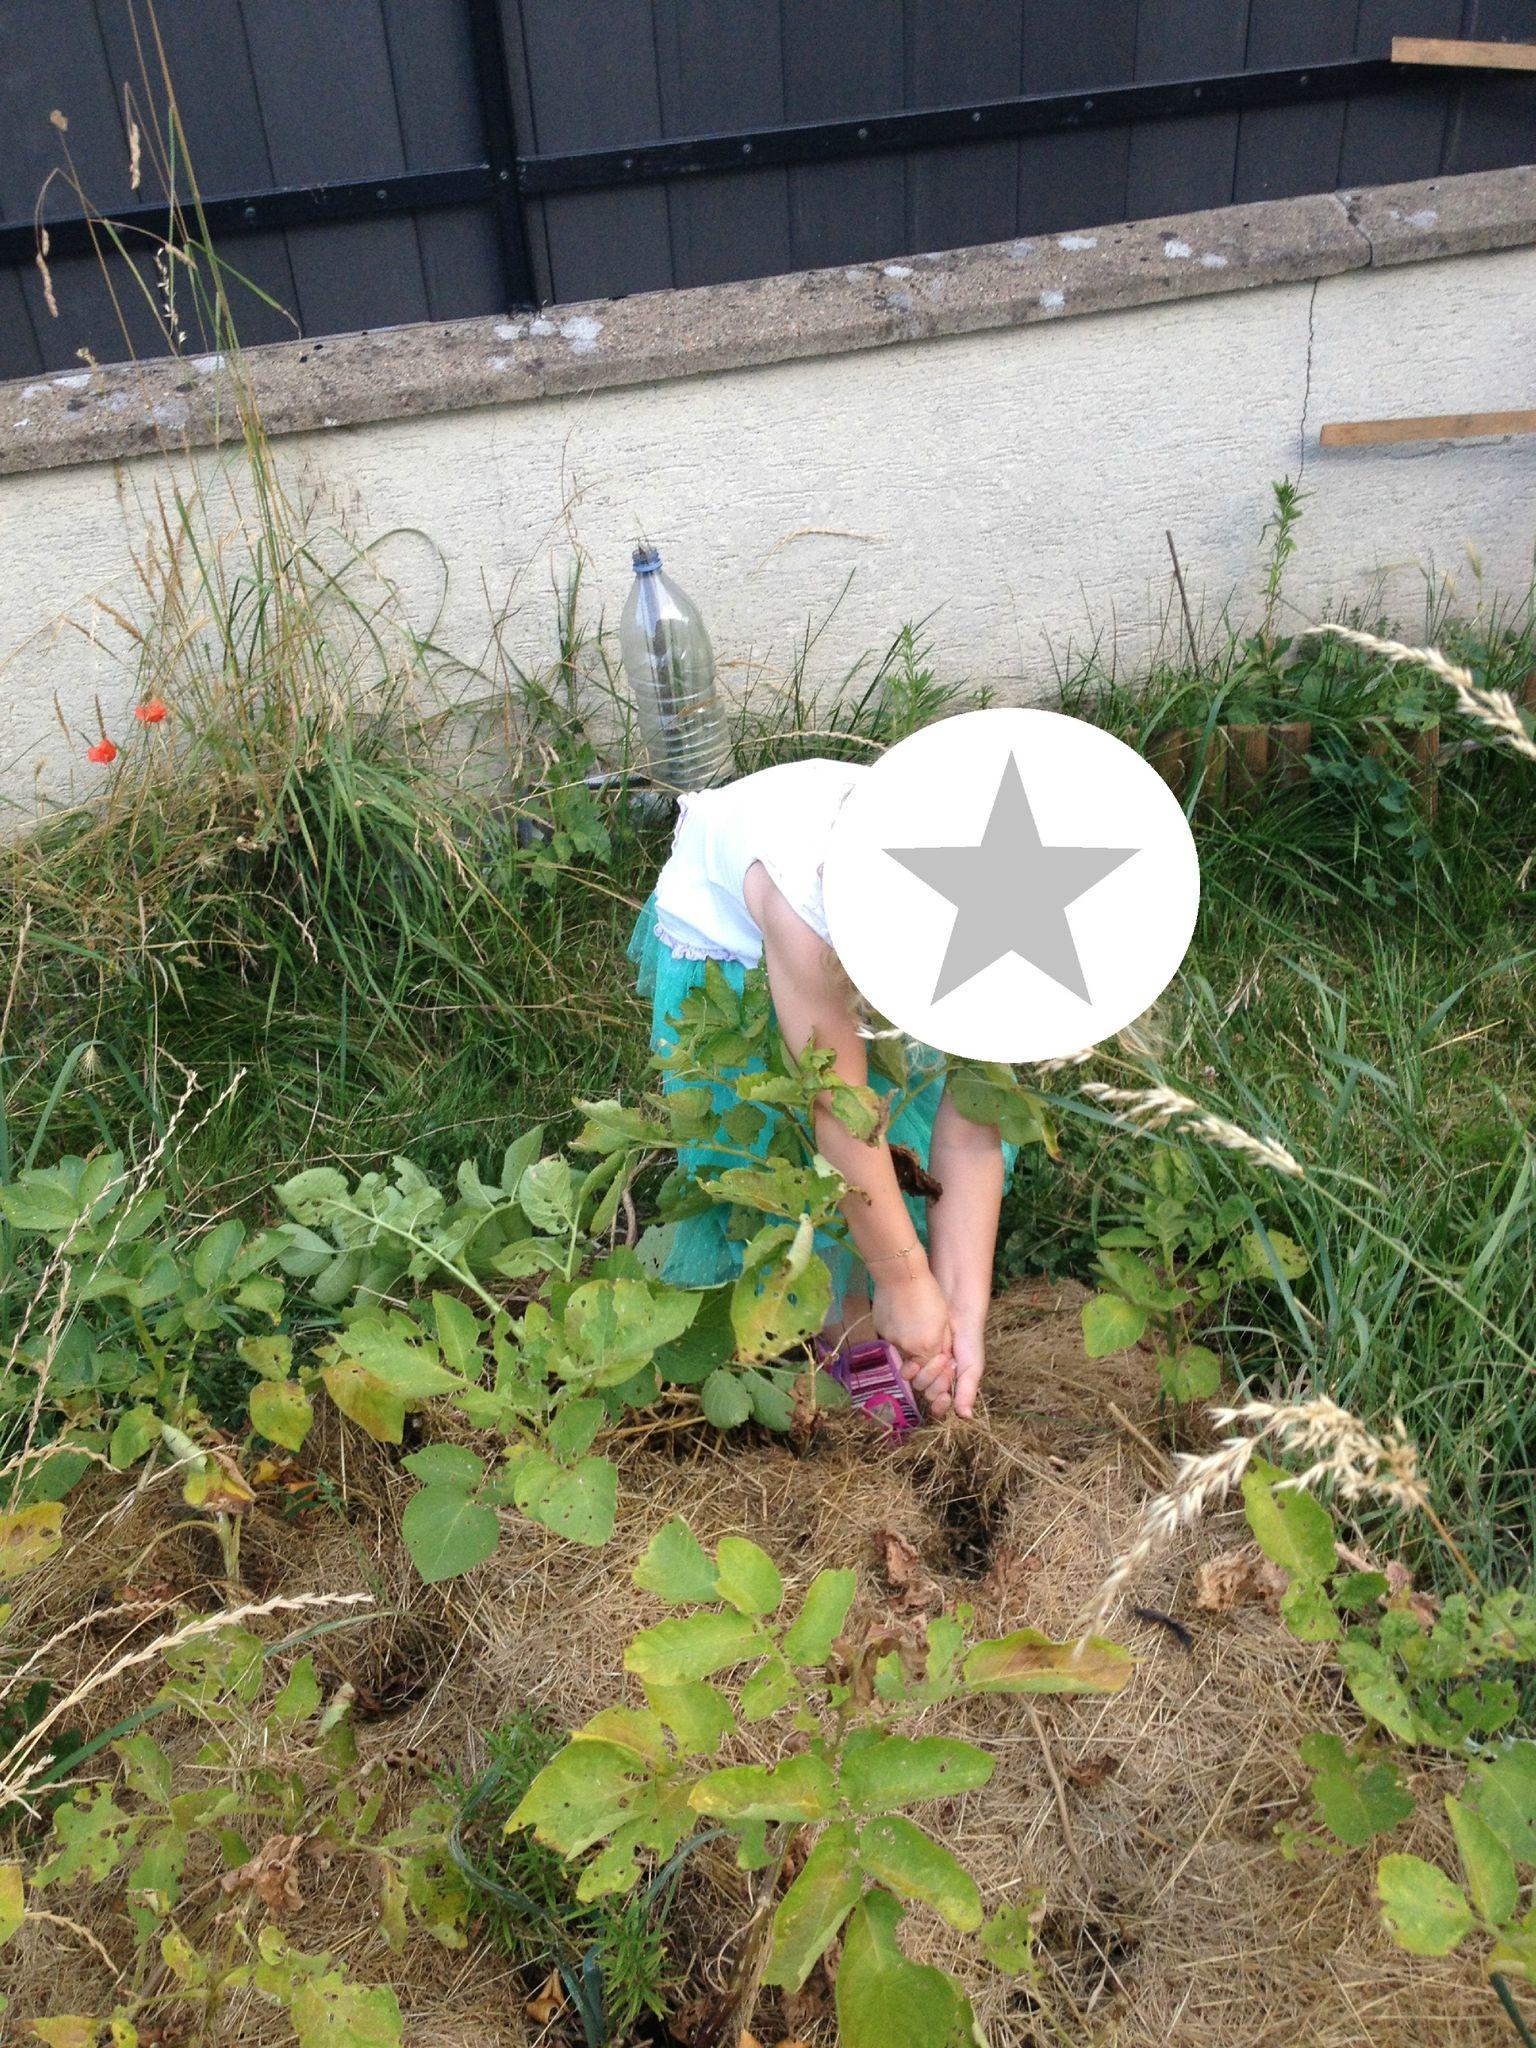 En direct live du jardin j 39 ai une souris dans le compost - Acheter de la paille pour jardin ...